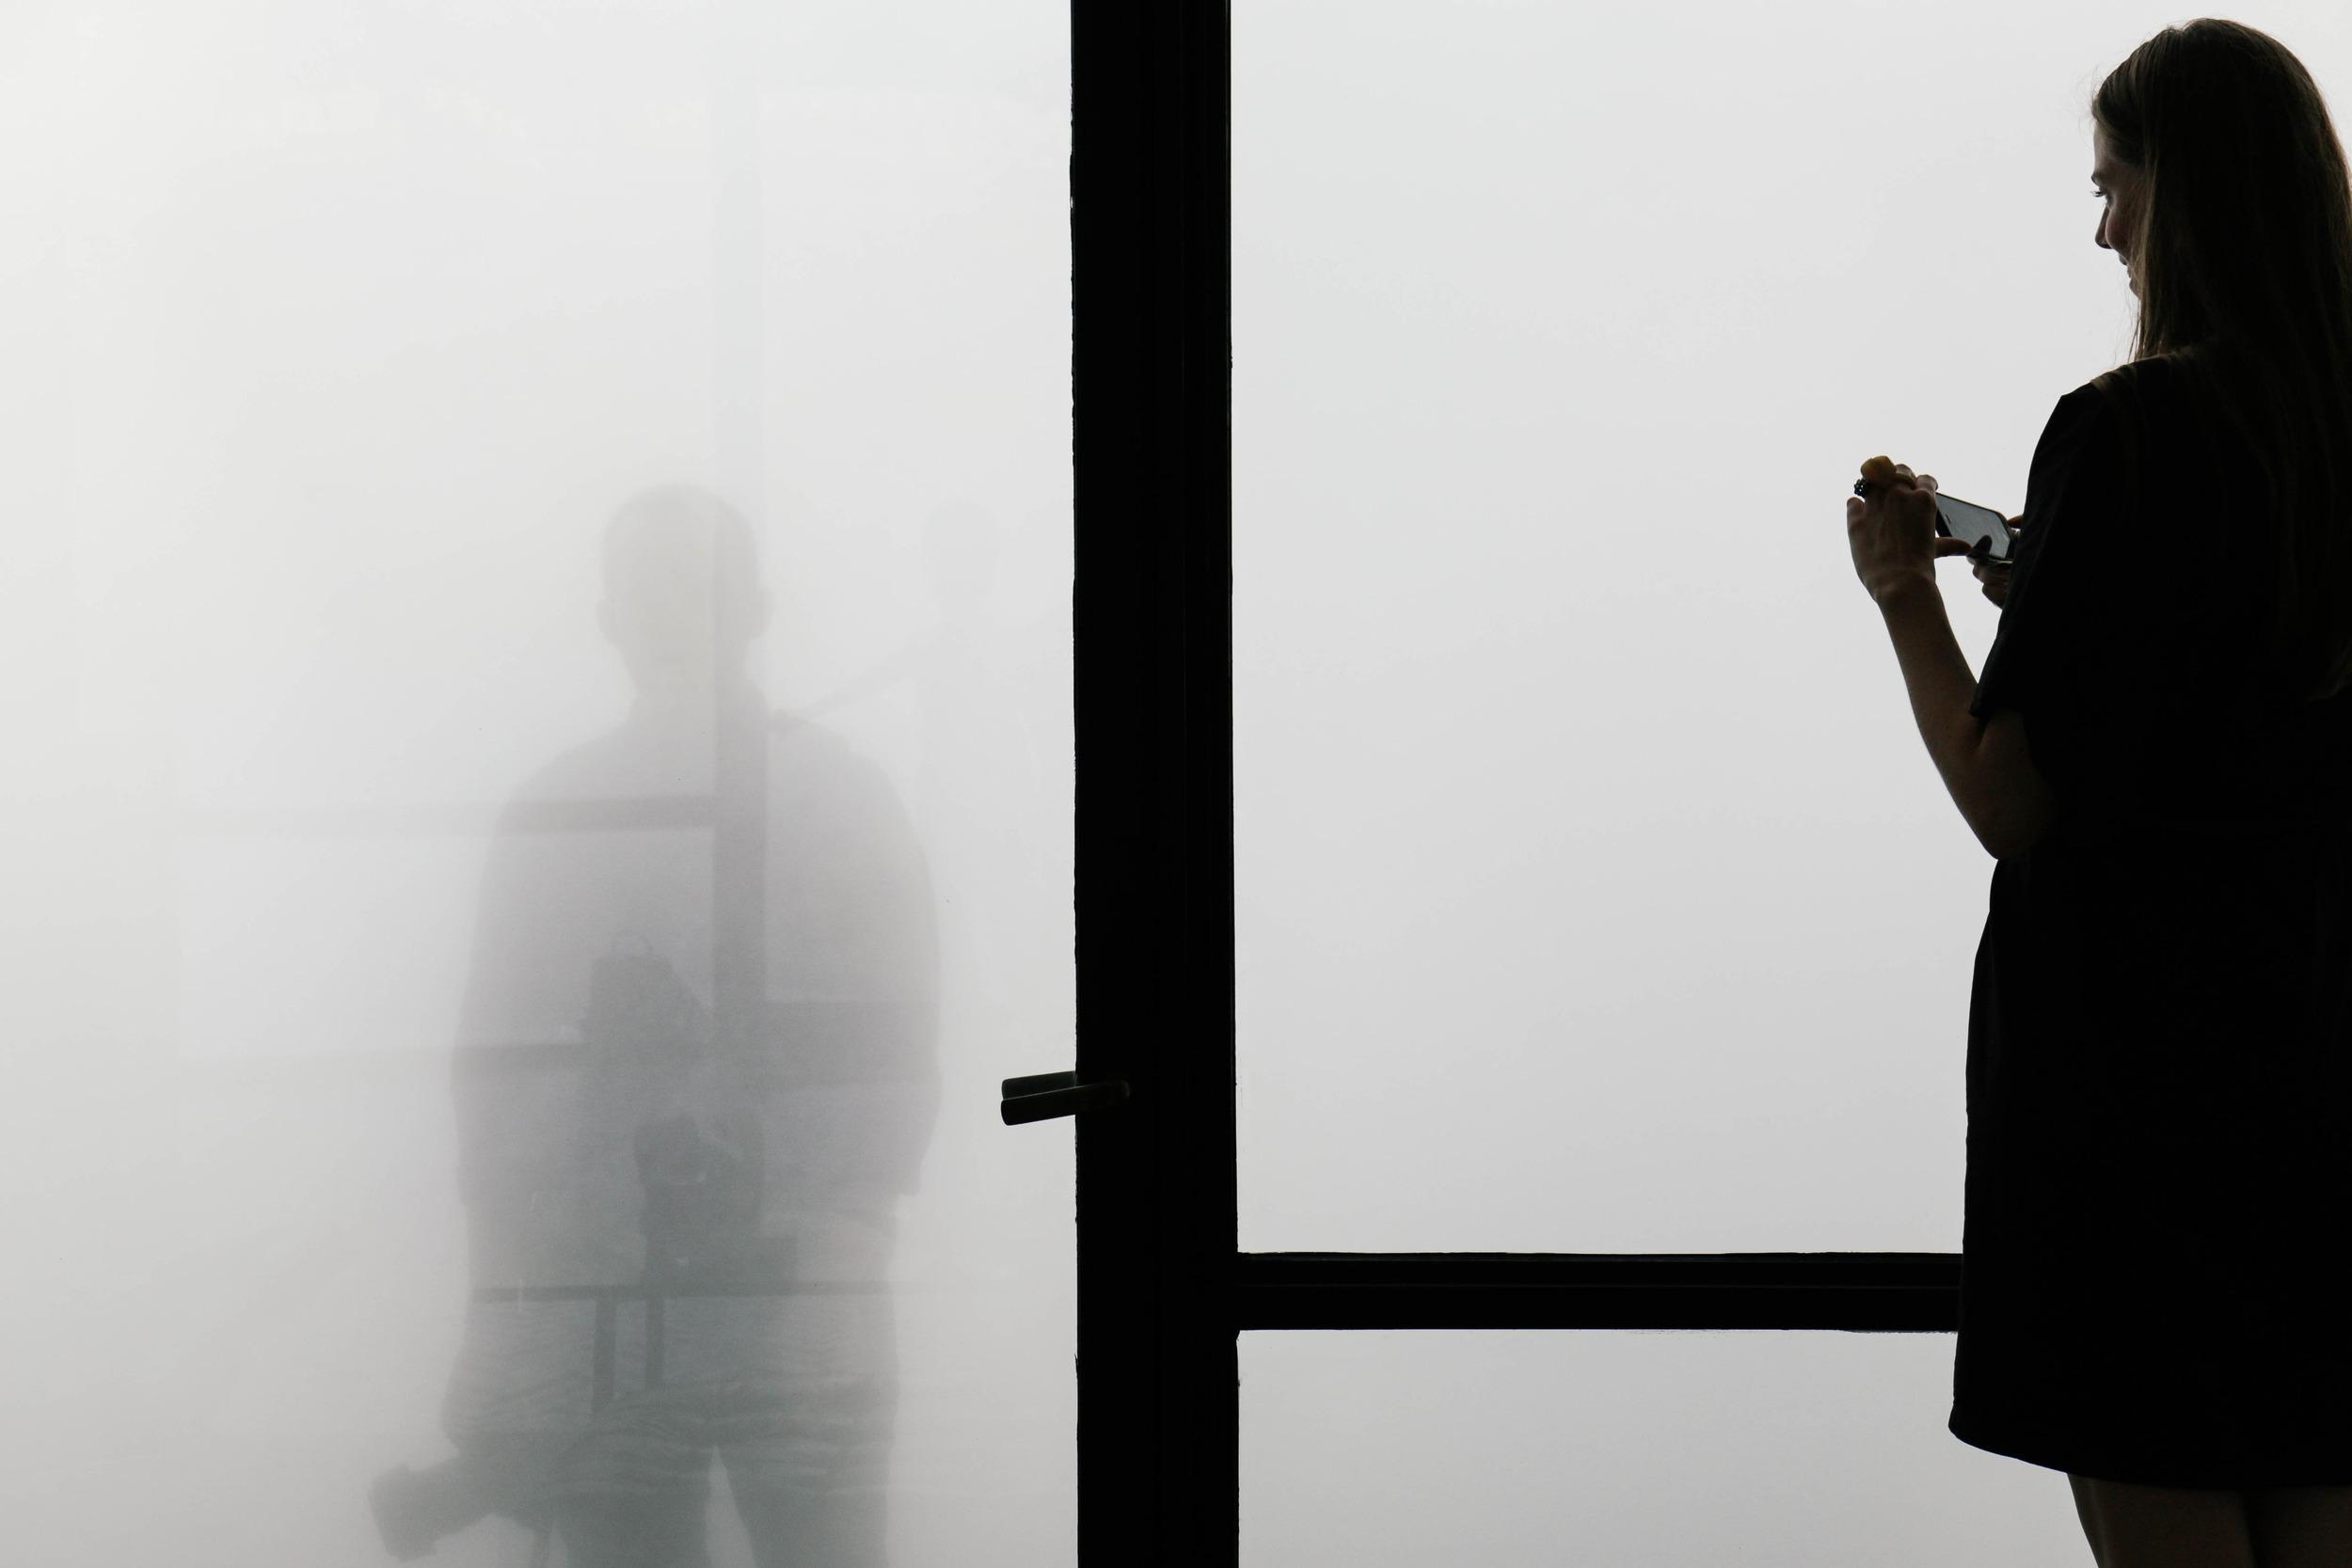 glasshouse-fog-kristen